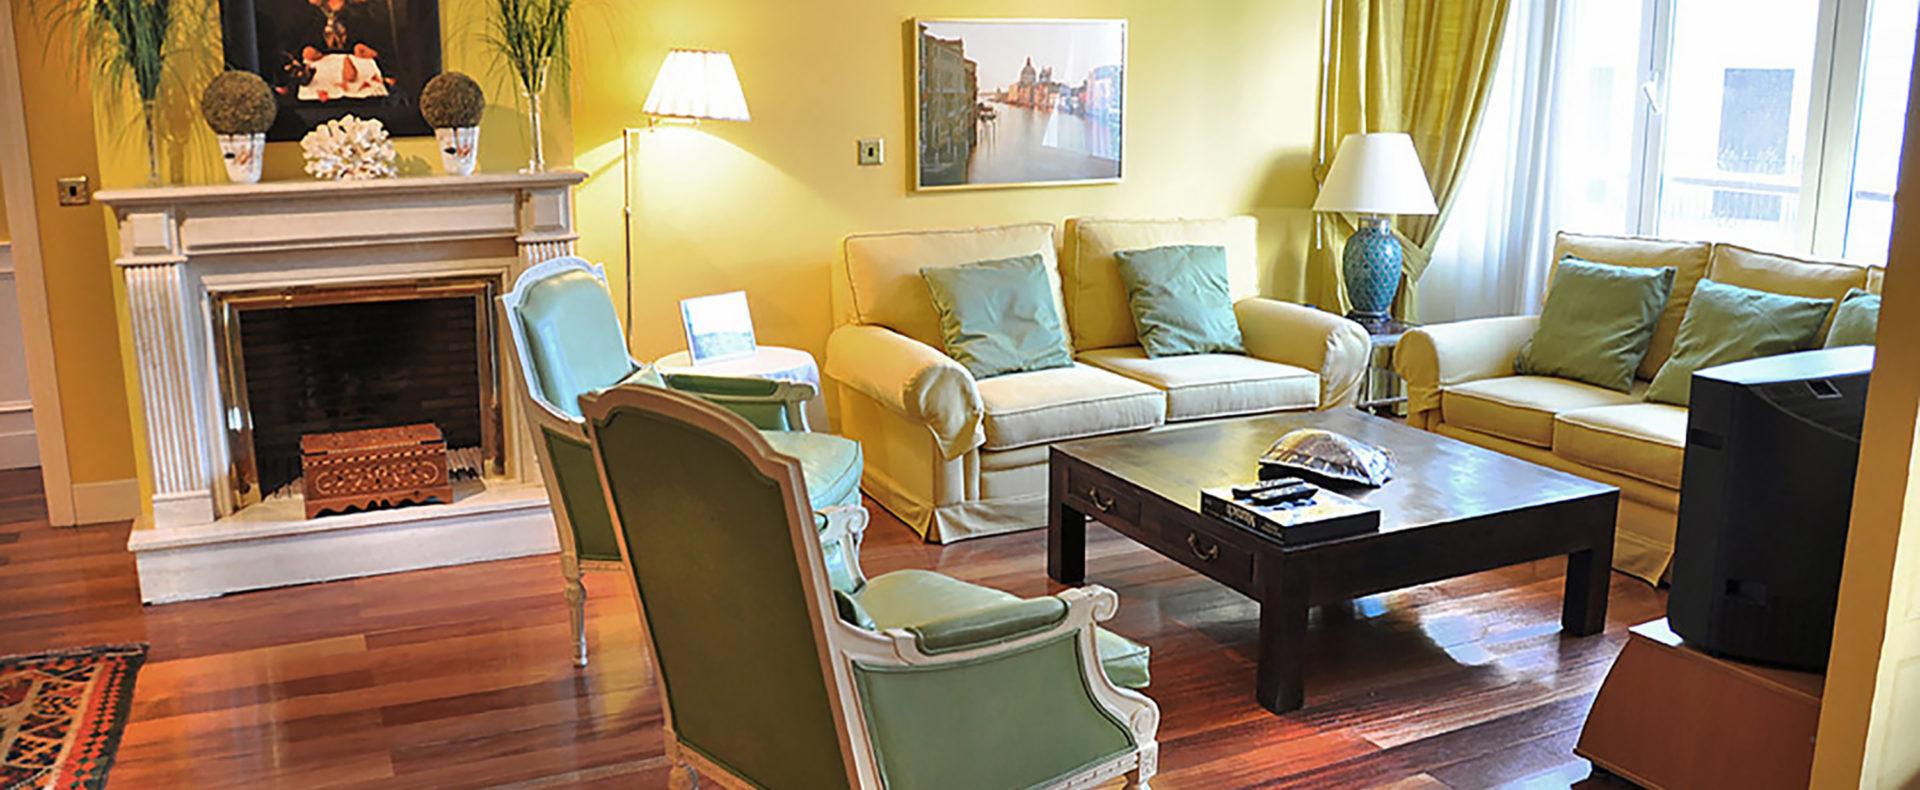 alquiler-de-apartamentos-por-dias-en-Madrid-castellana.jpg